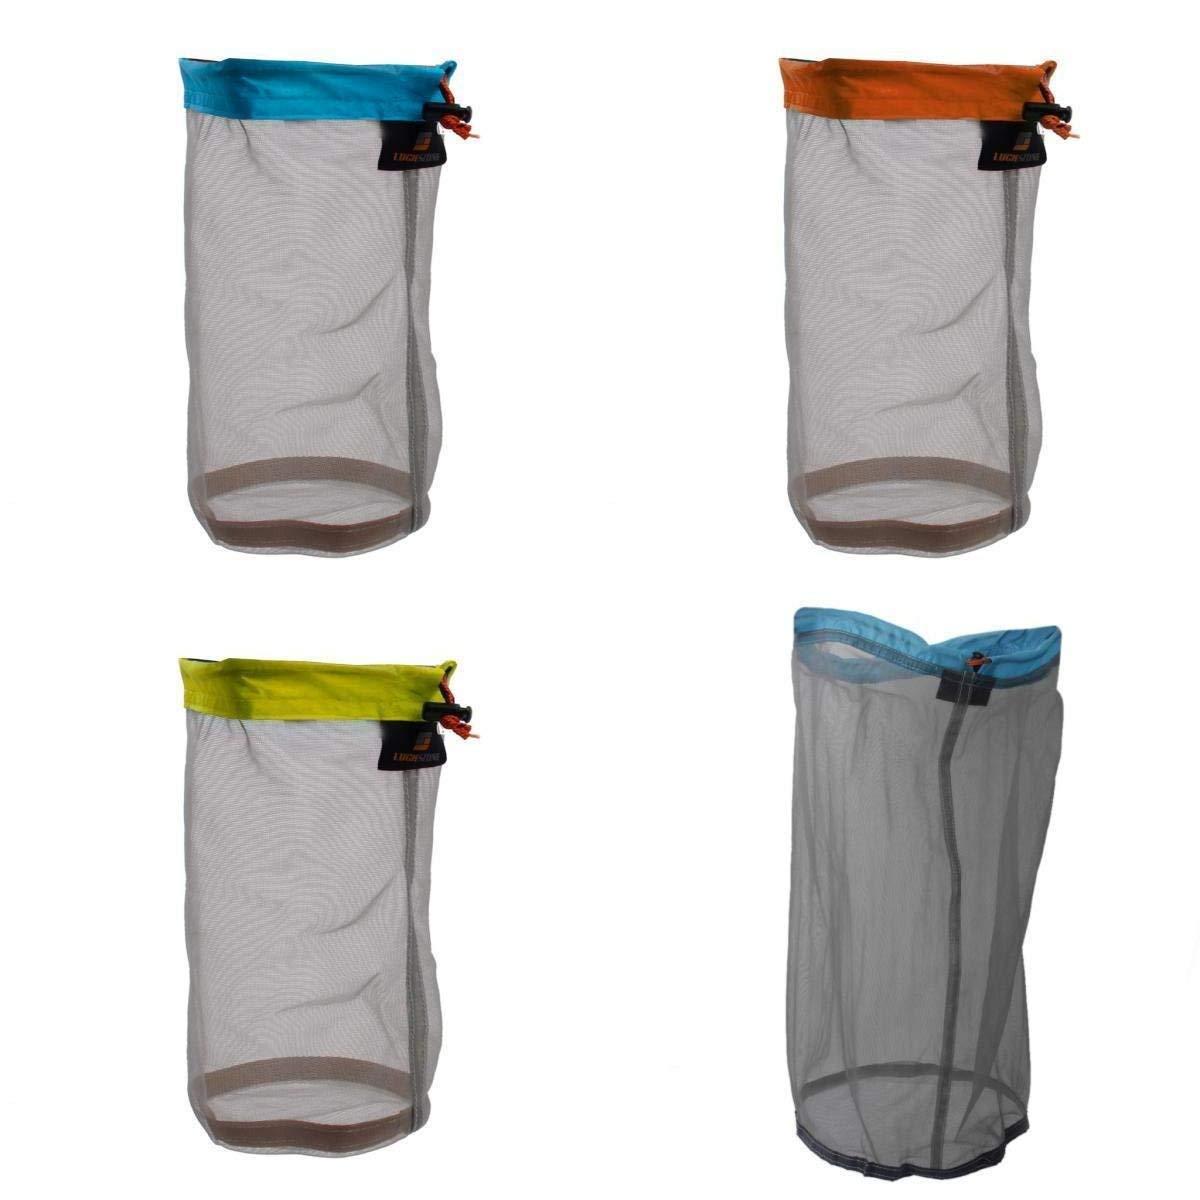 Yundxi ultraléger Ultra Sac de Maille Cordon de Serrage Ensemble de Sacs de Rangement pour Voyage Camping Randonnée Set of 4 Pieces 4pcs